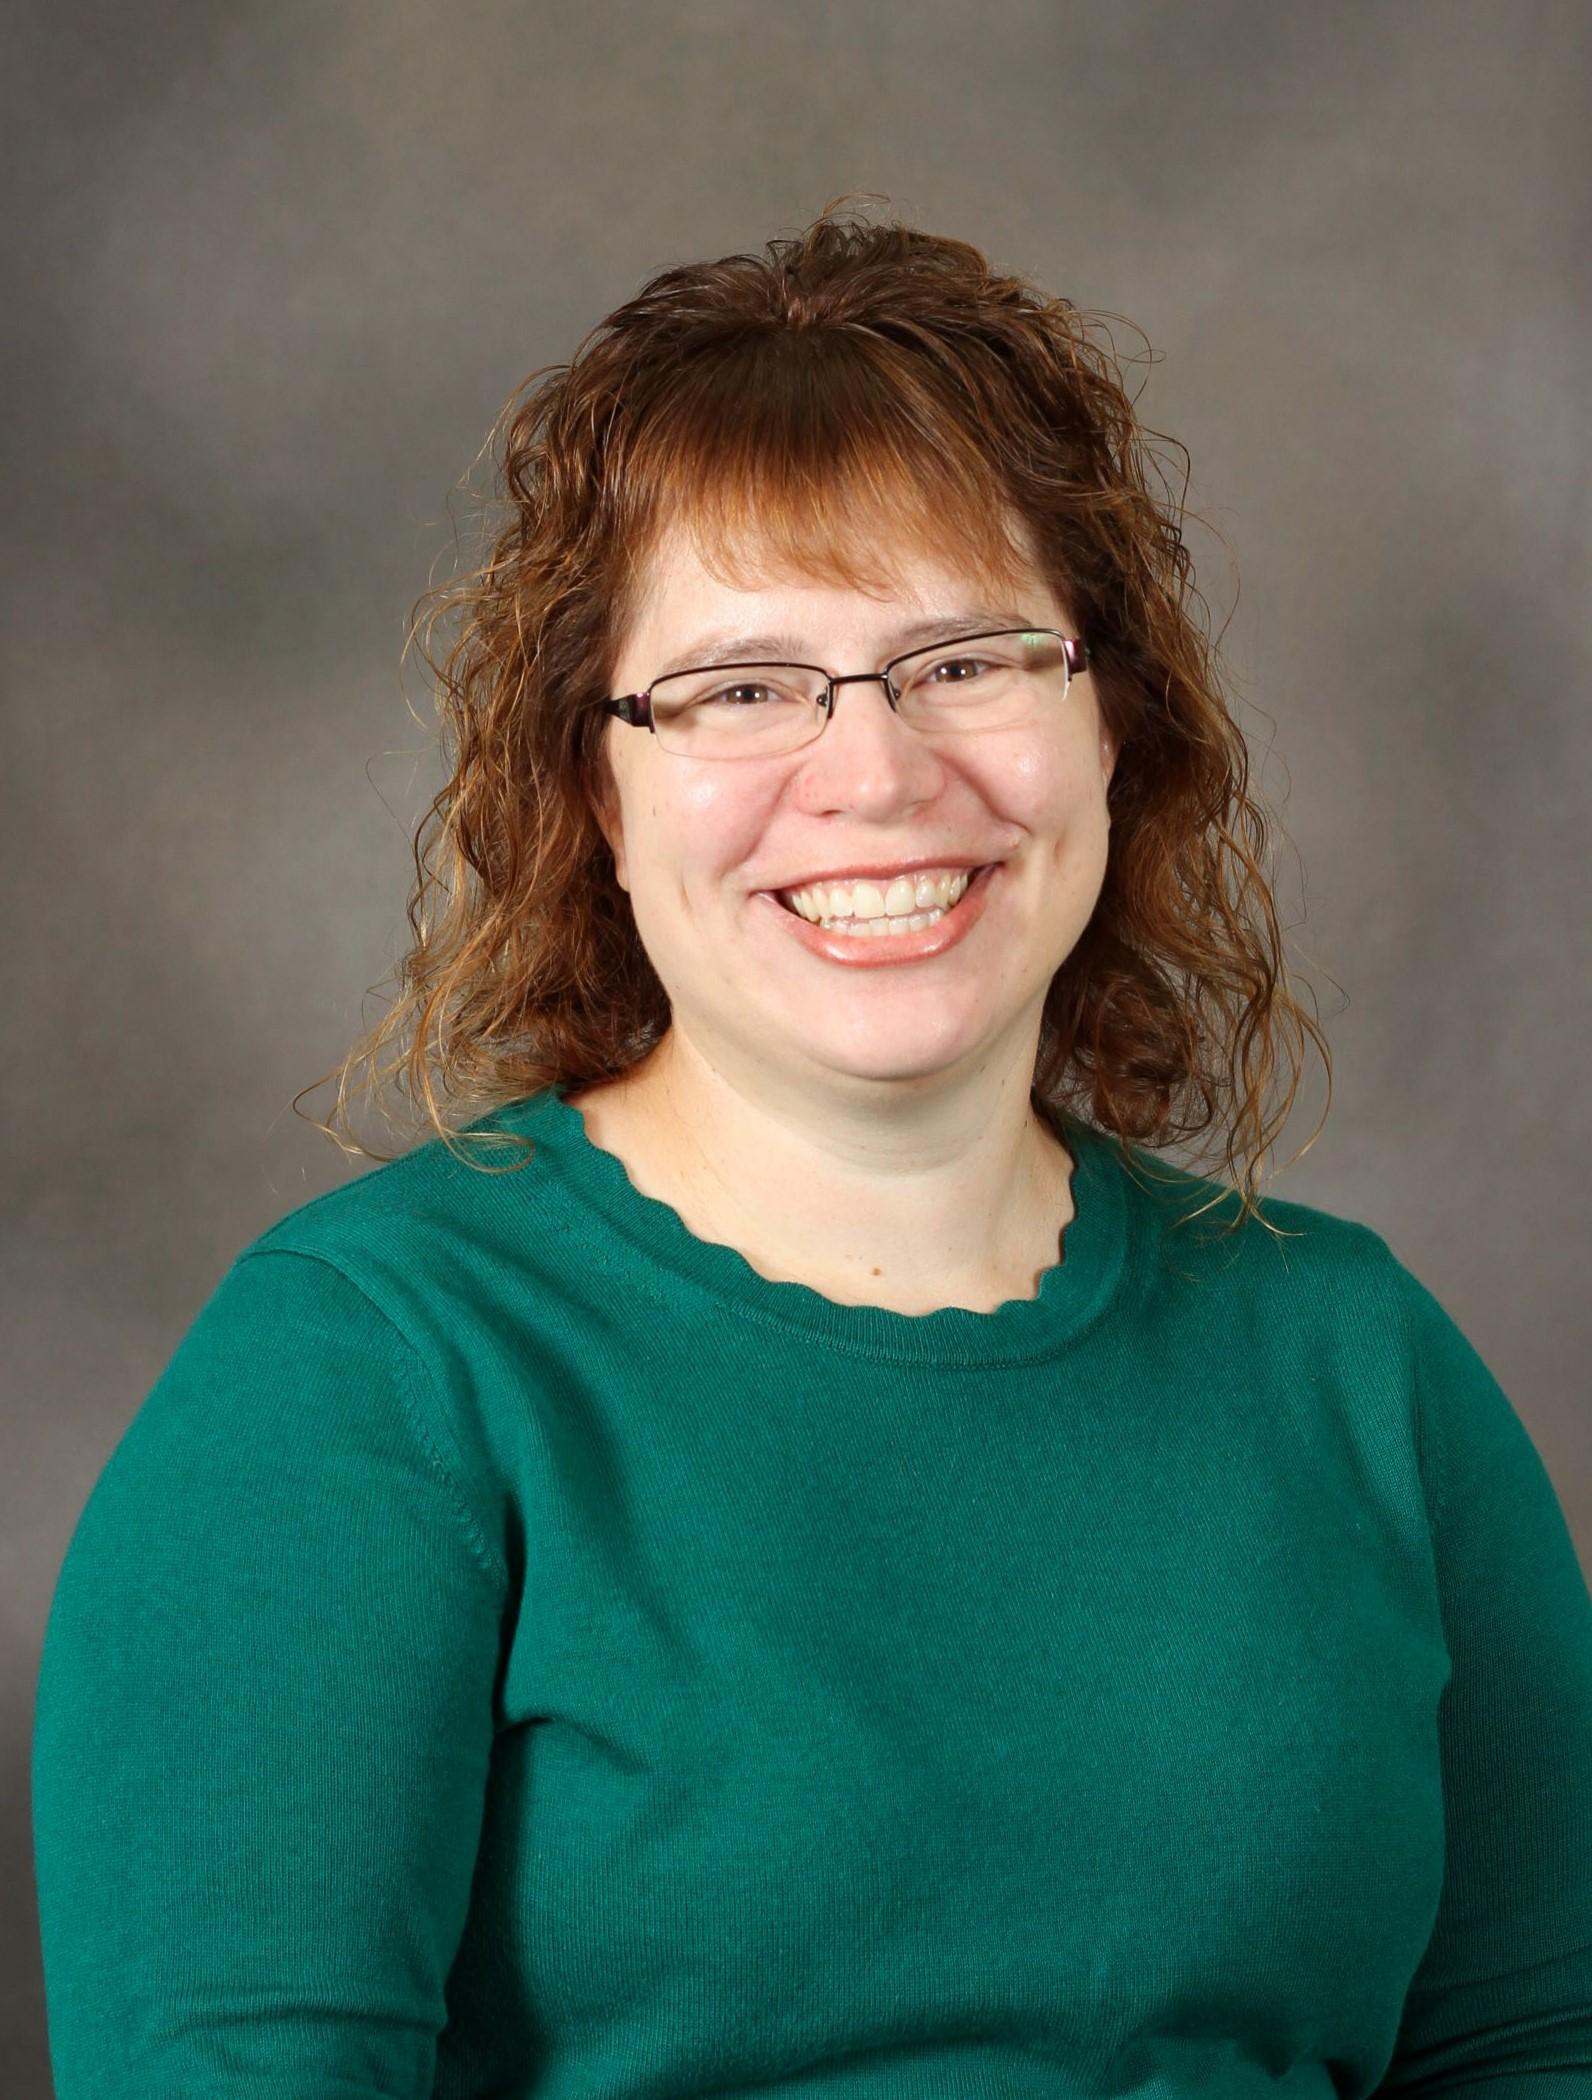 Dawn Feenstra